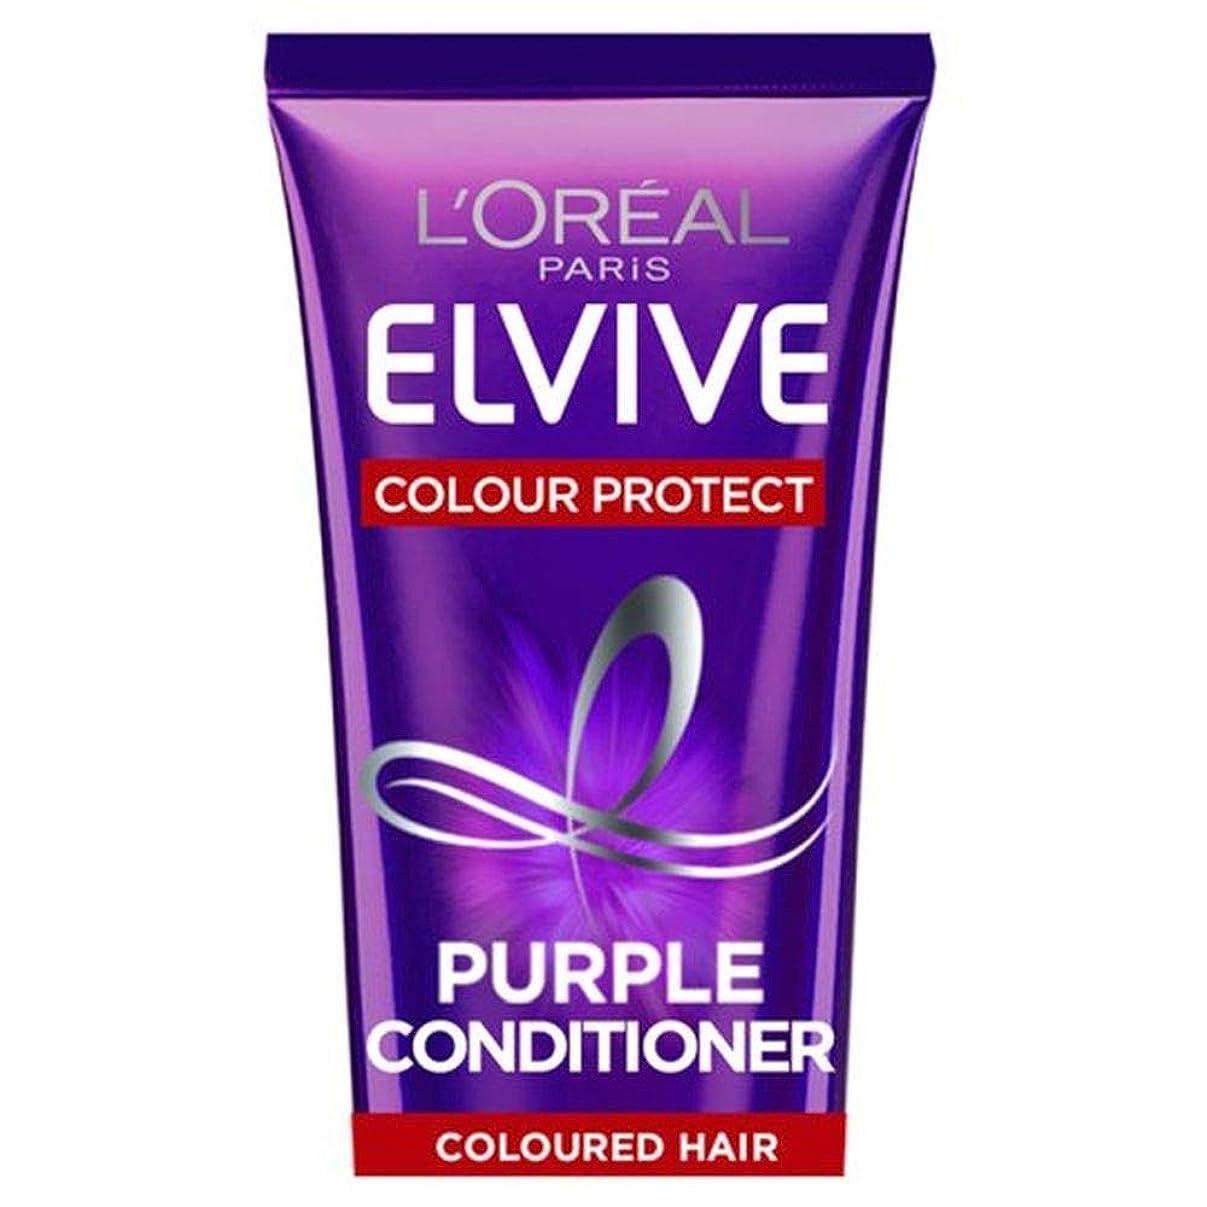 アンテナ鰐集中[Elvive] ロレアルElvive色は紫コンディショナー150ミリリットルを保護します - L'oreal Elvive Colour Protect Purple Conditioner 150Ml [並行輸入品]